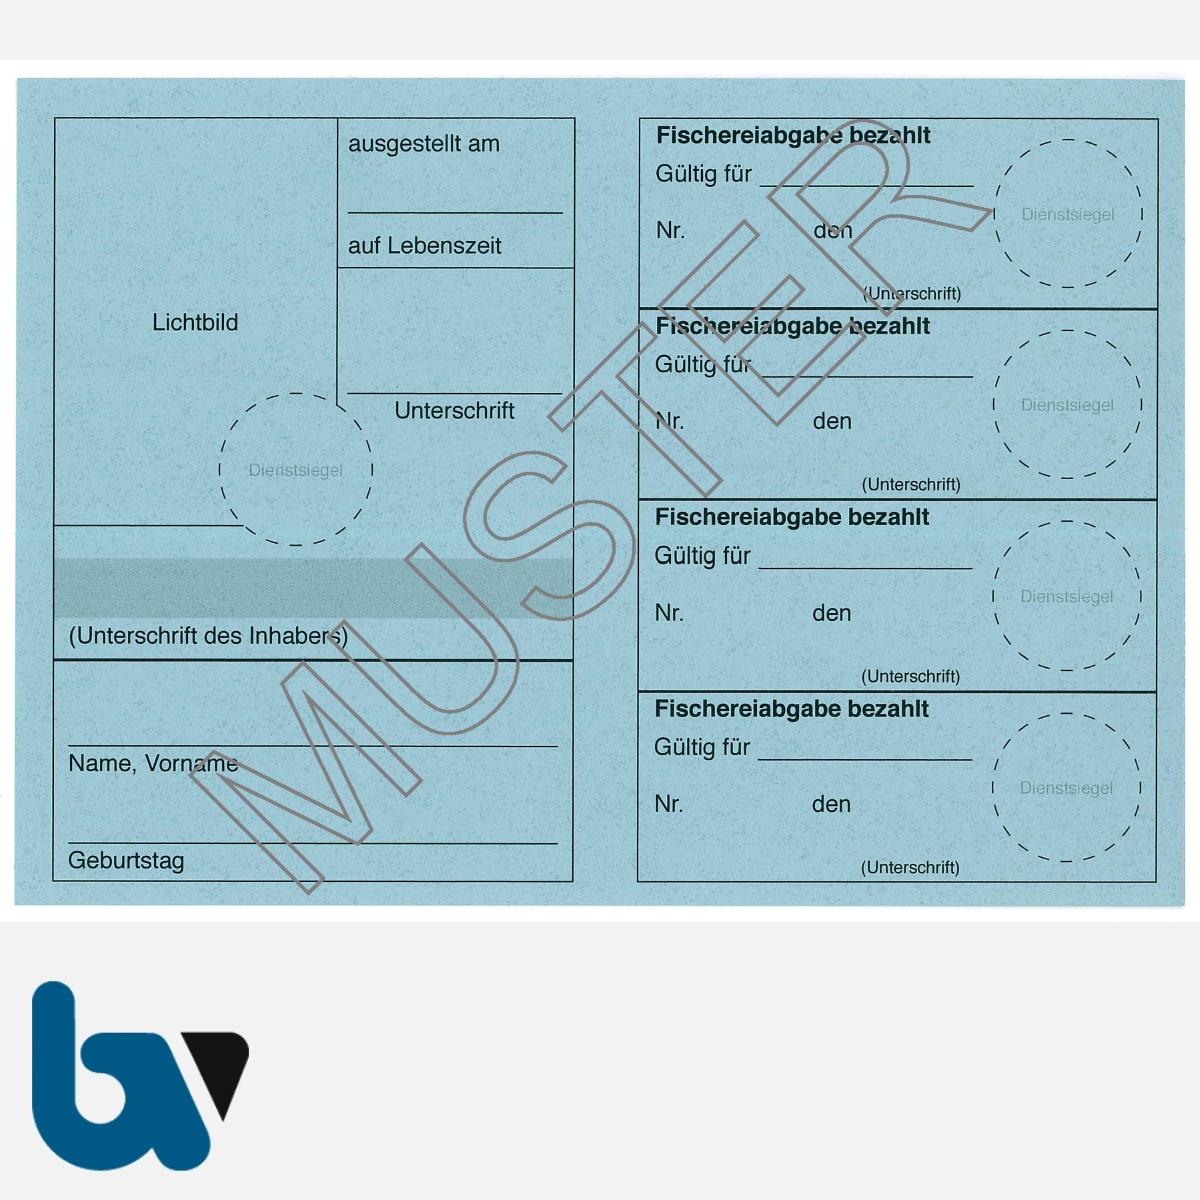 5/456-1 Fischereischein auf Lebenszeit BW Baden-Württemberg blau Neobond Muster RS   Borgard Verlag GmbH